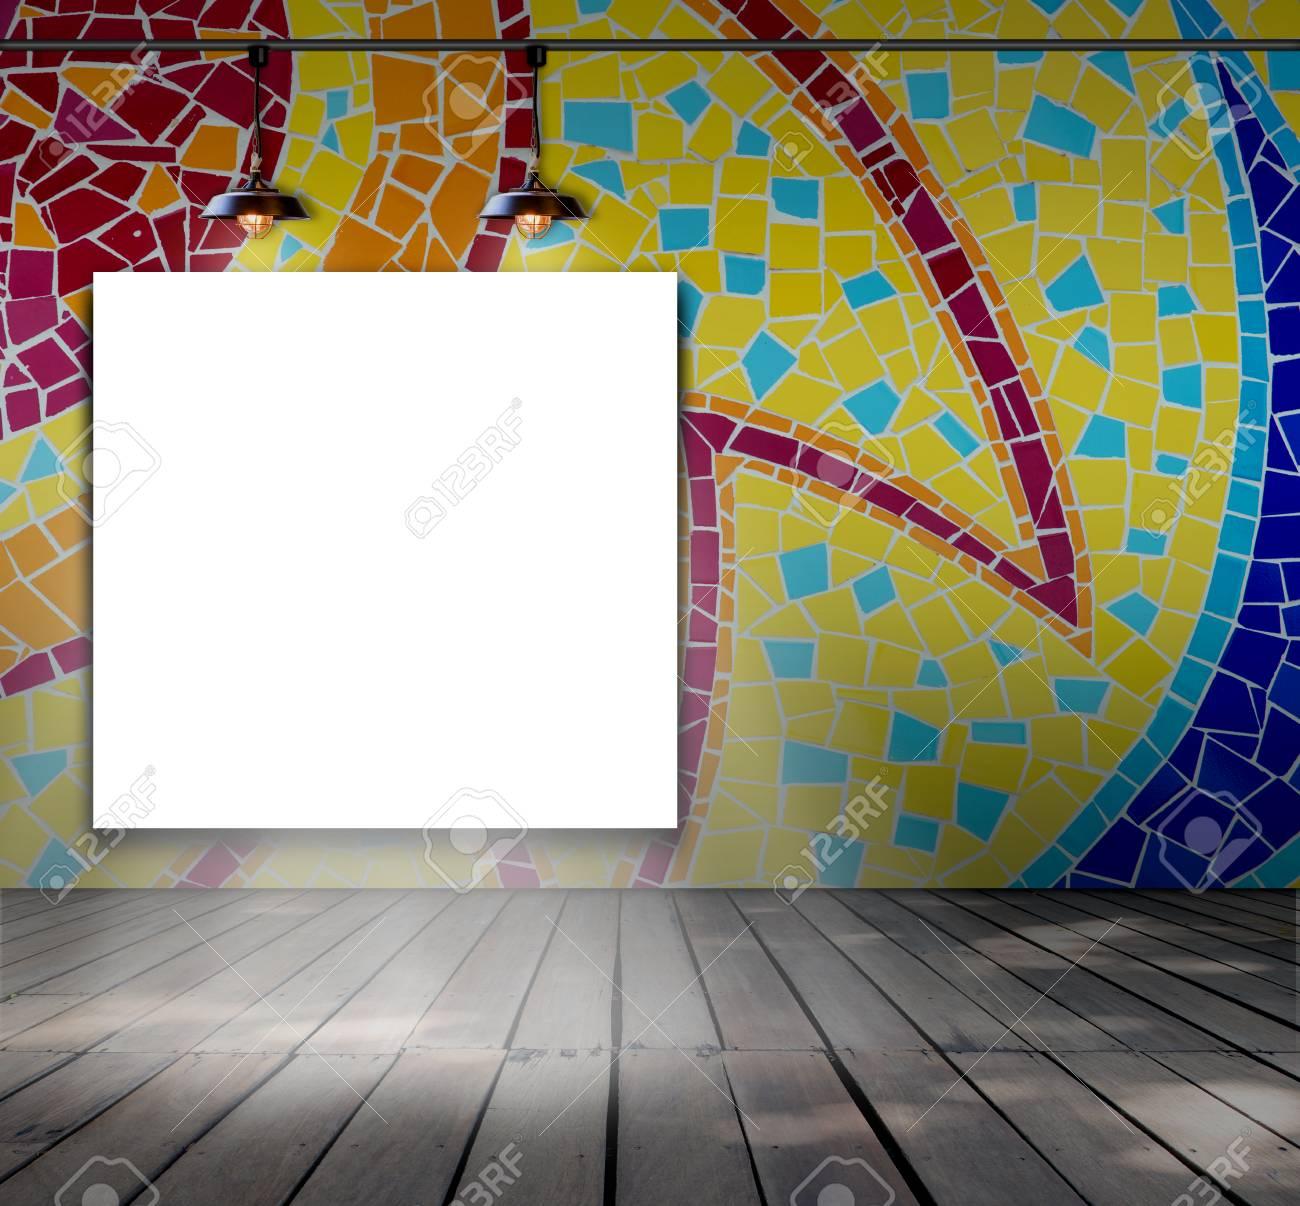 Leeren Rahmen Auf Mosaik-Fliesen Wand Mit Deckenleuchte Für ...